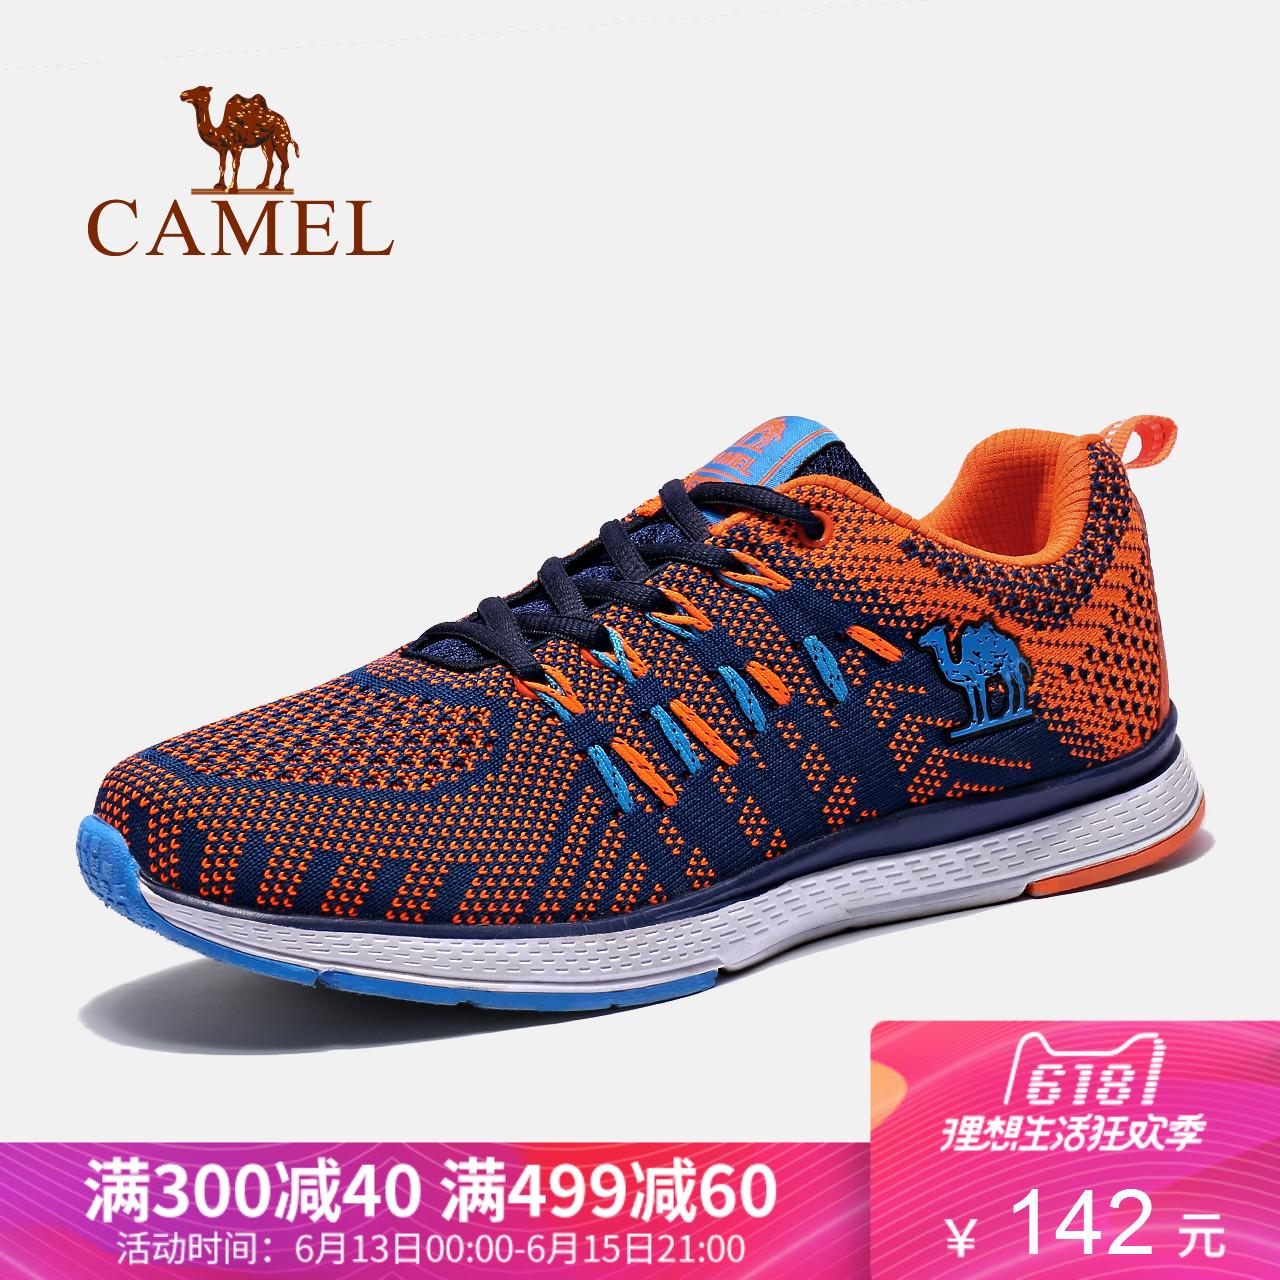 Camel骆驼 户外鞋怎么样,好不好